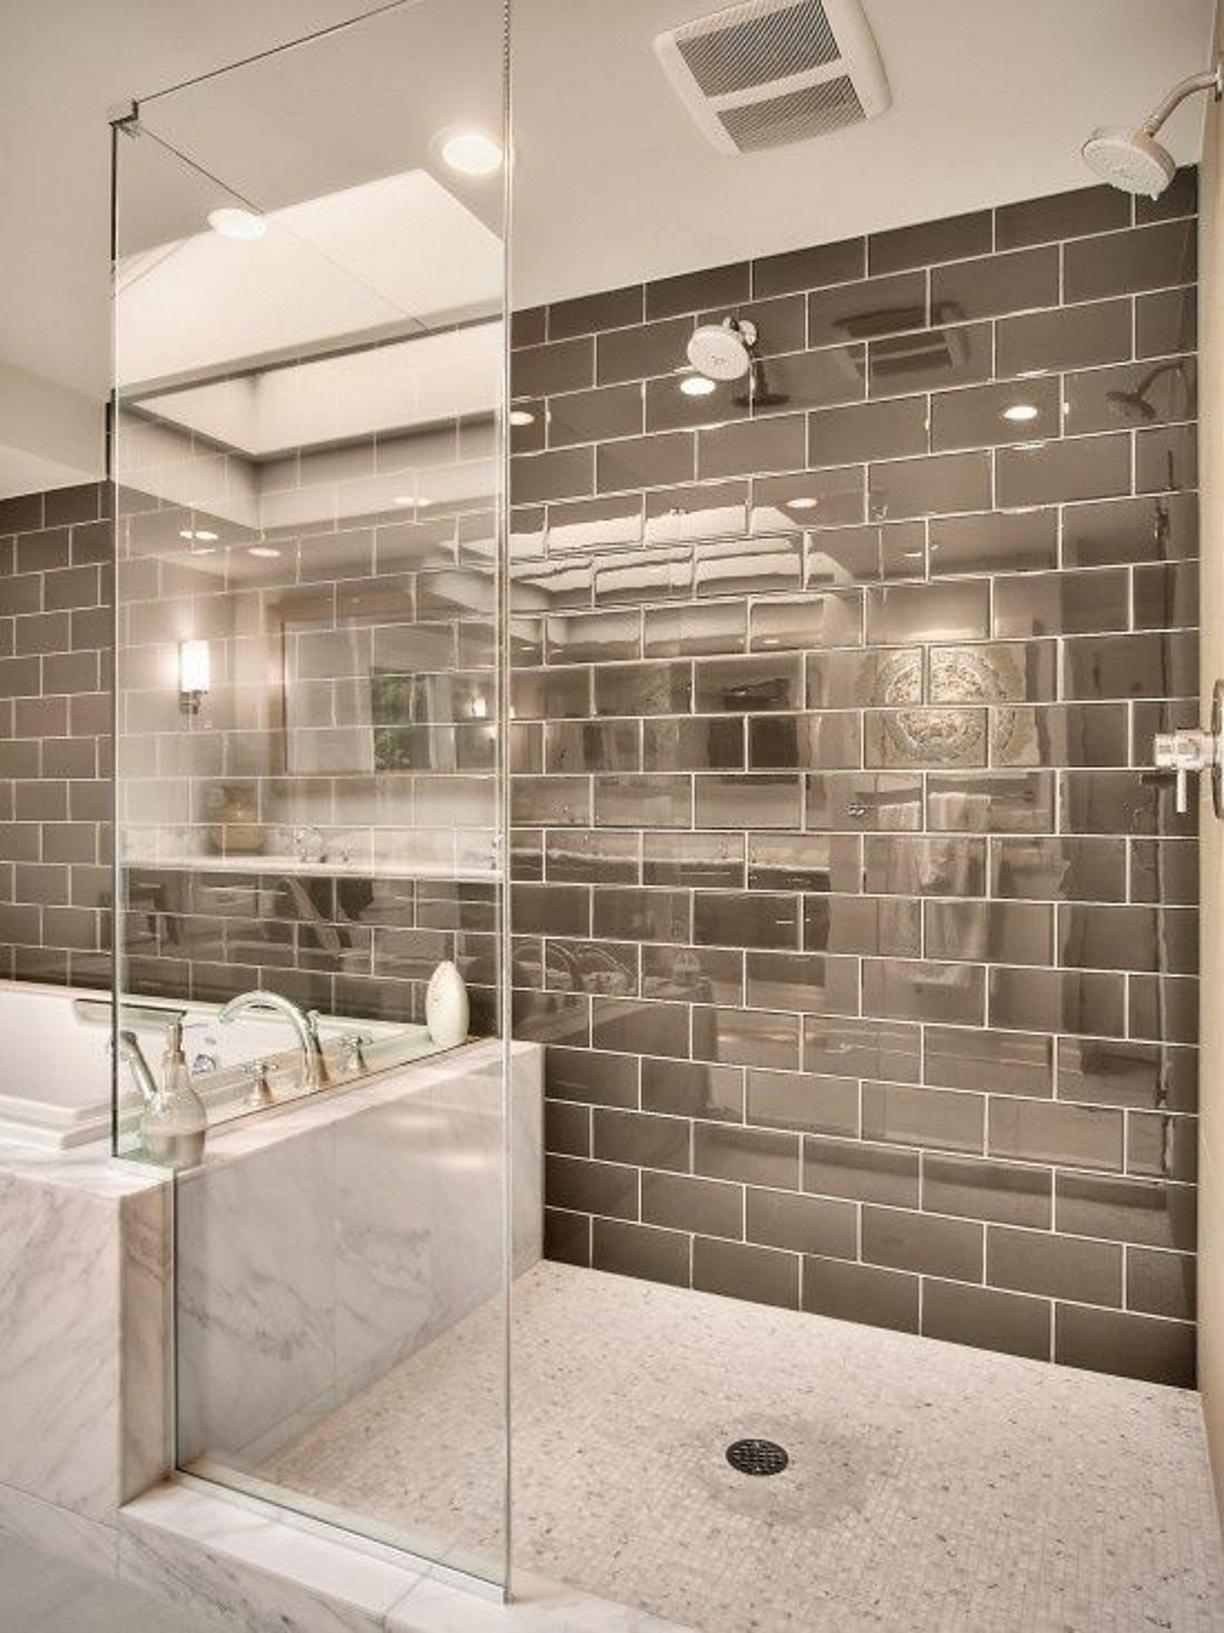 Optimiser une petite salle de bains : 8 astuces indispensables